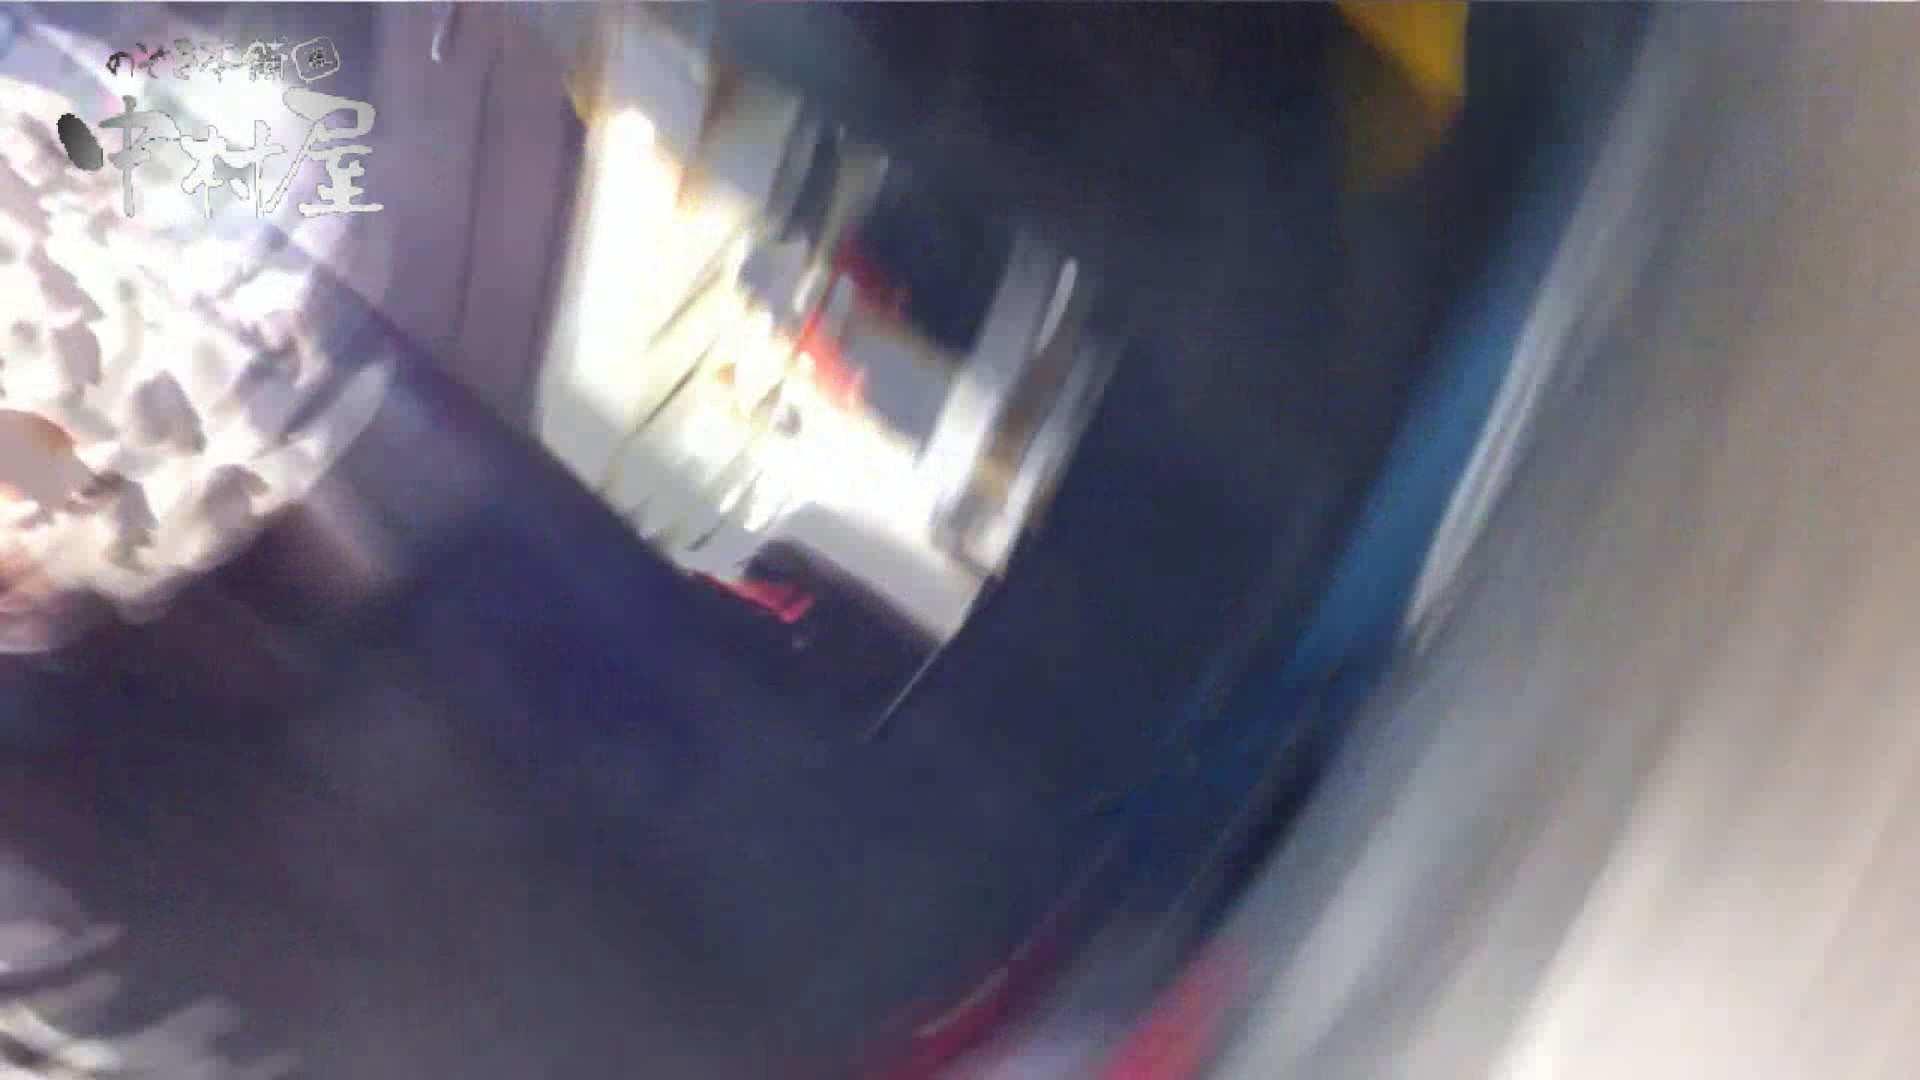 vol.48可愛いカリスマ店員胸チラ&パンチラ アニメ声の店員さん 接写 覗きオメコ動画キャプチャ 110画像 93